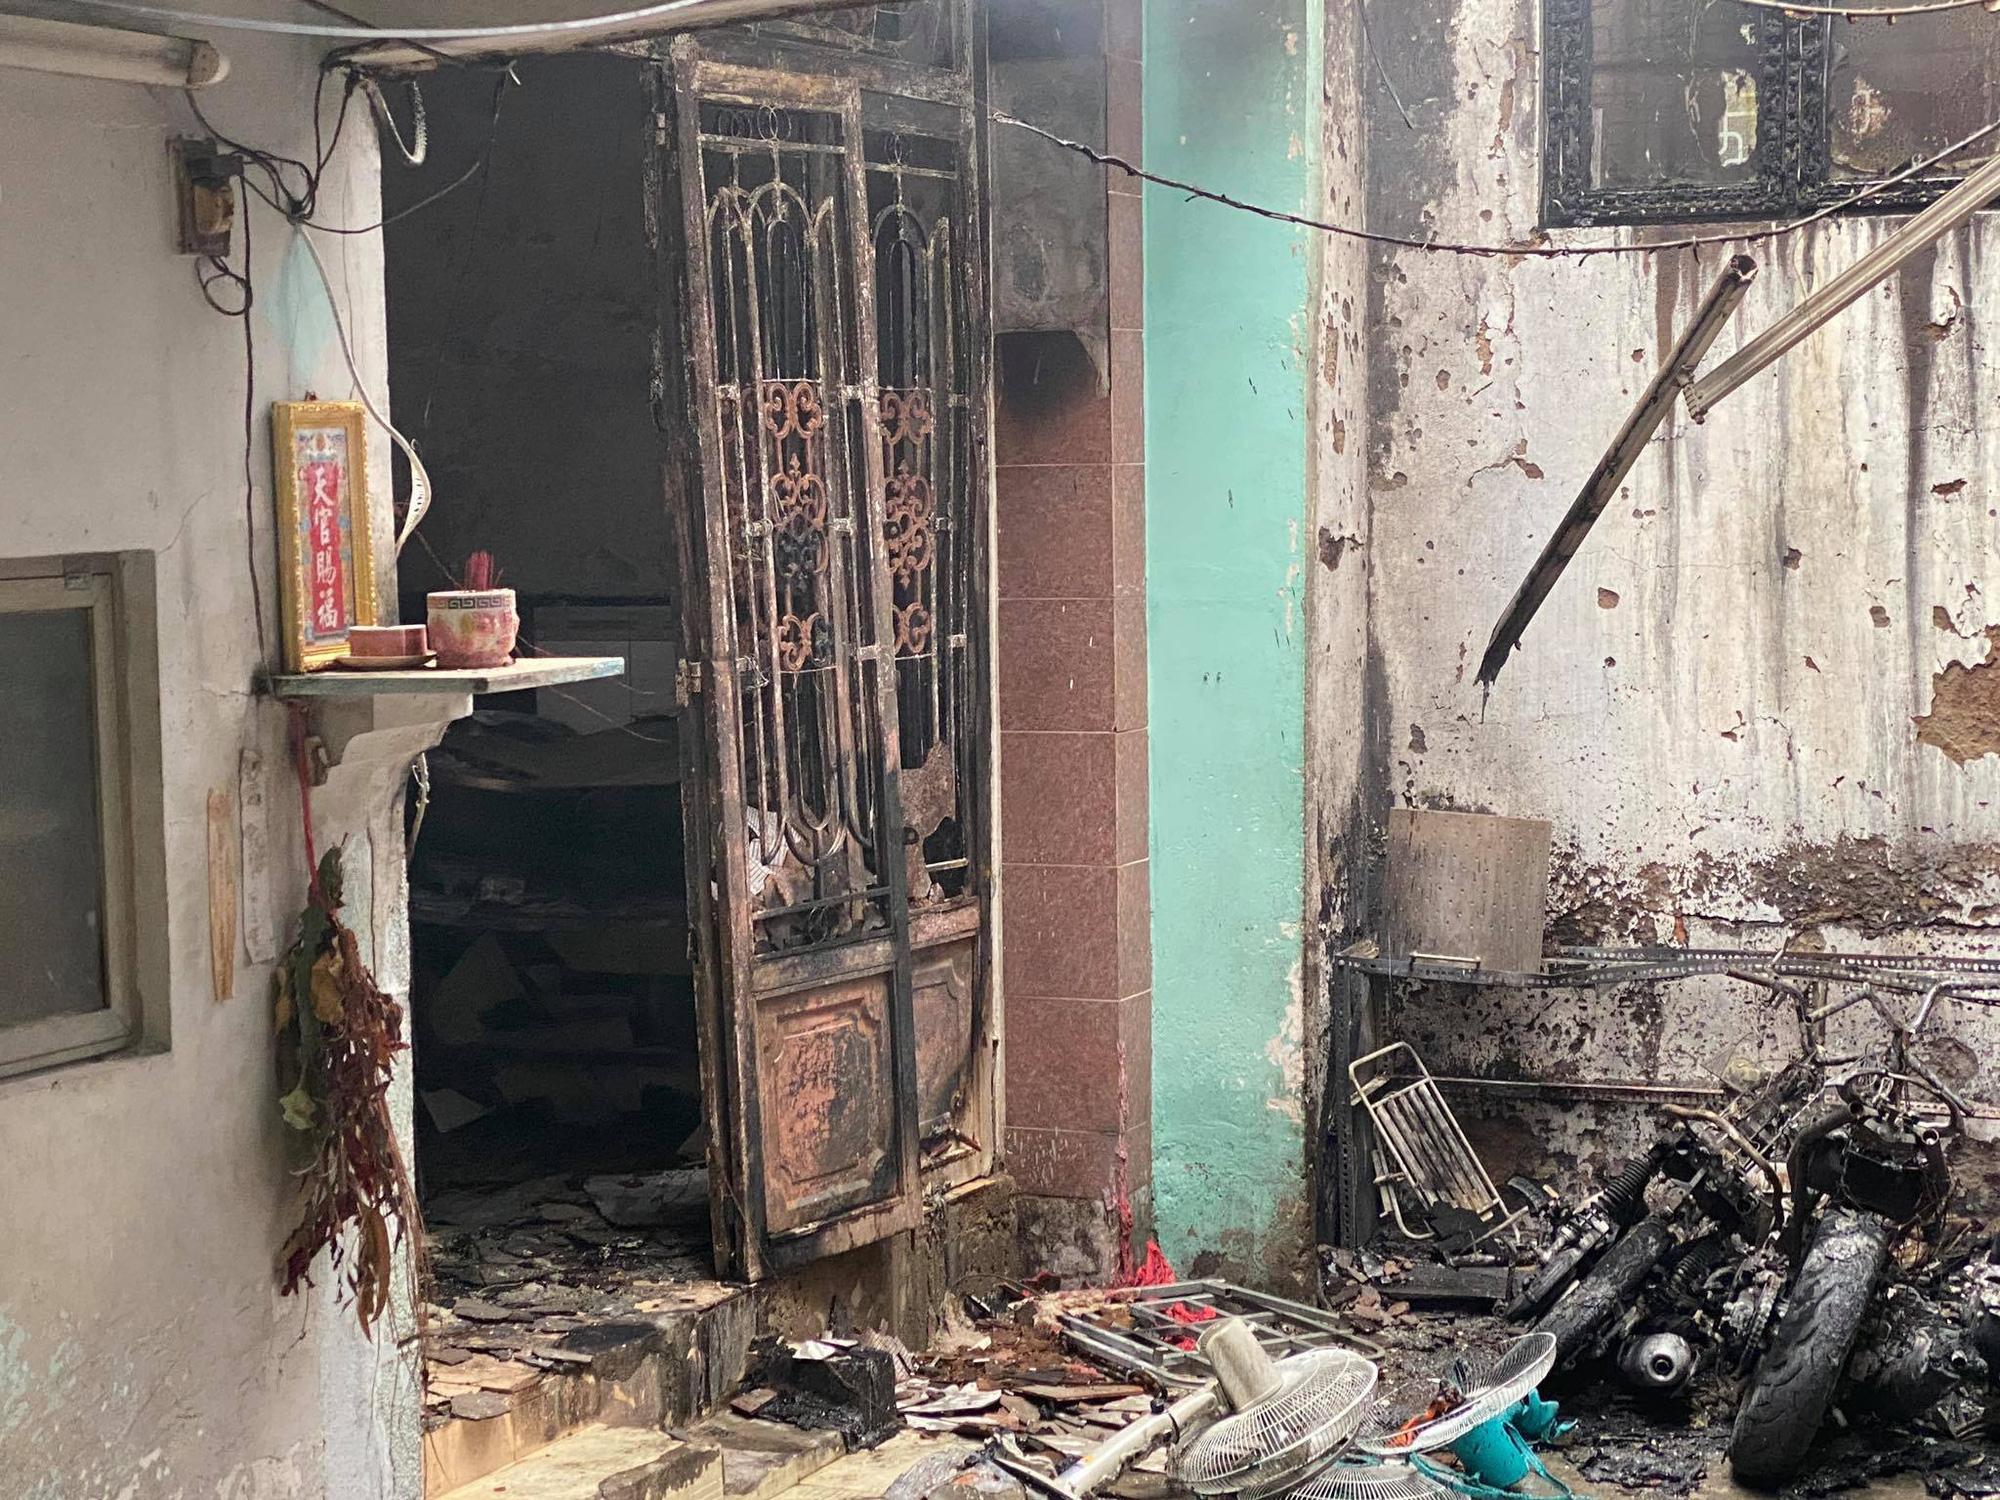 Cháy lớn tại TP.HCM khiến 1 phụ nữ tử vong - Ảnh 1.